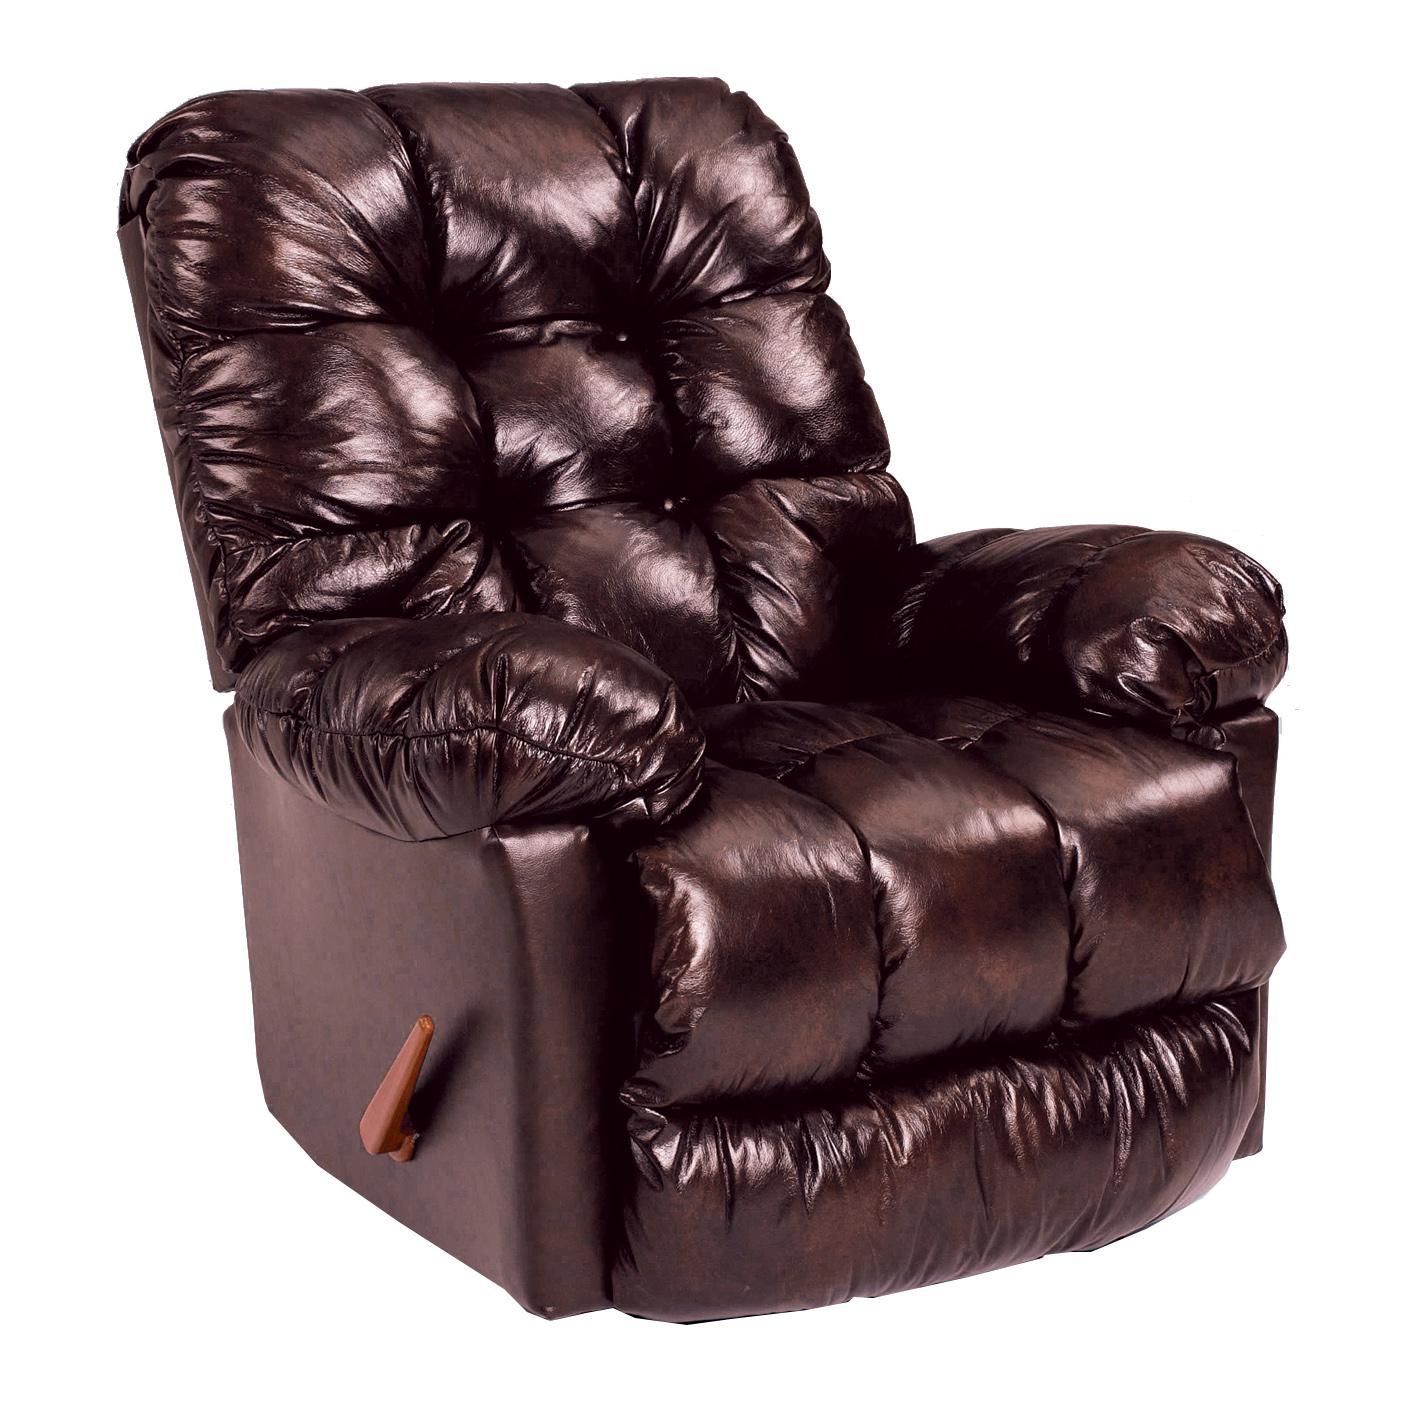 brosmer power lift reclining chair with power tilt headrest by best